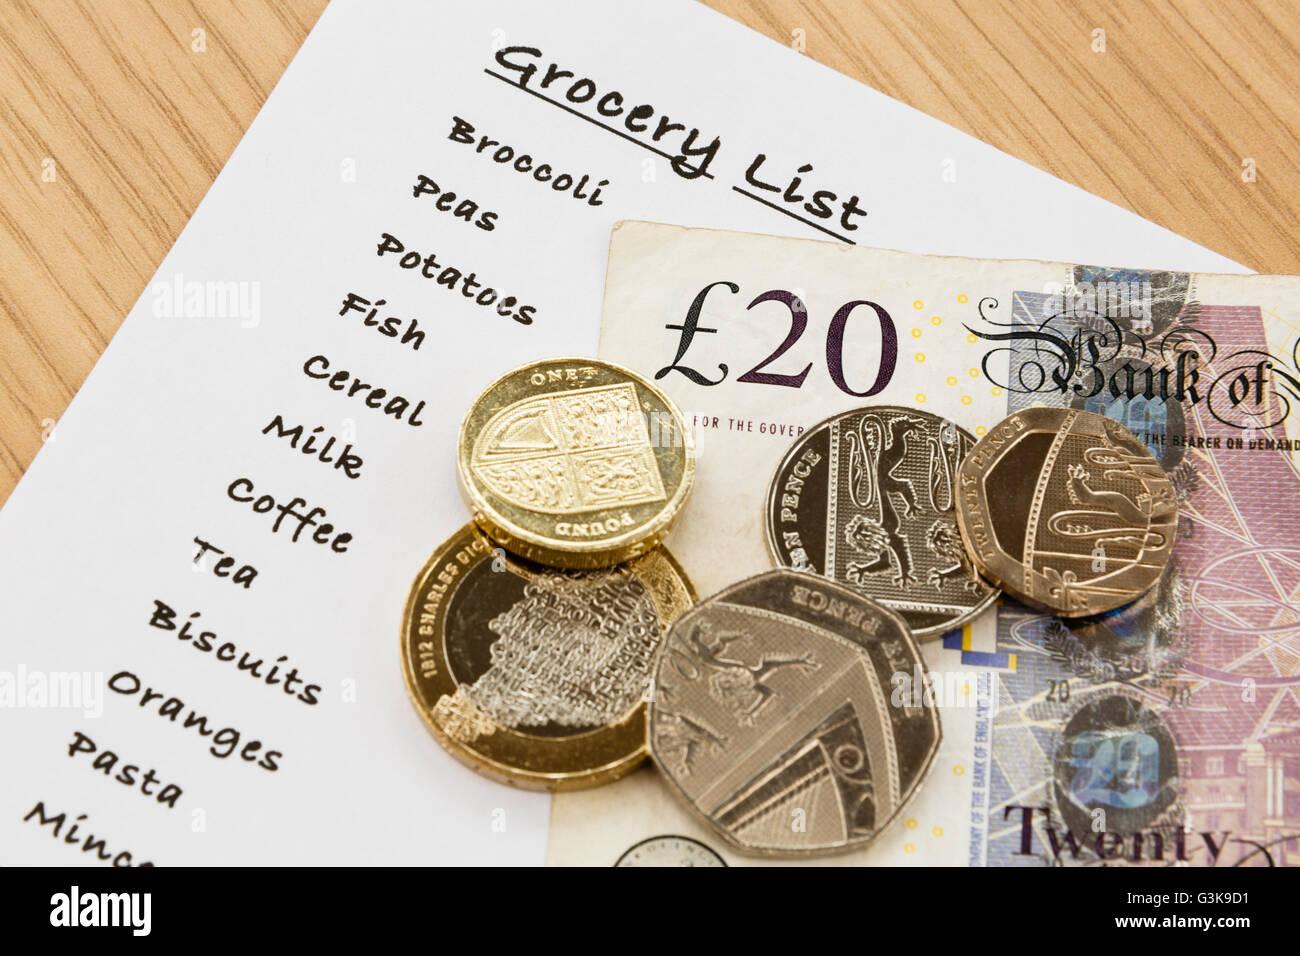 Elenco acquisti per generi alimentari con denaro in sterline dall'alto. Inghilterra, Regno Unito, Gran Bretagna Foto Stock